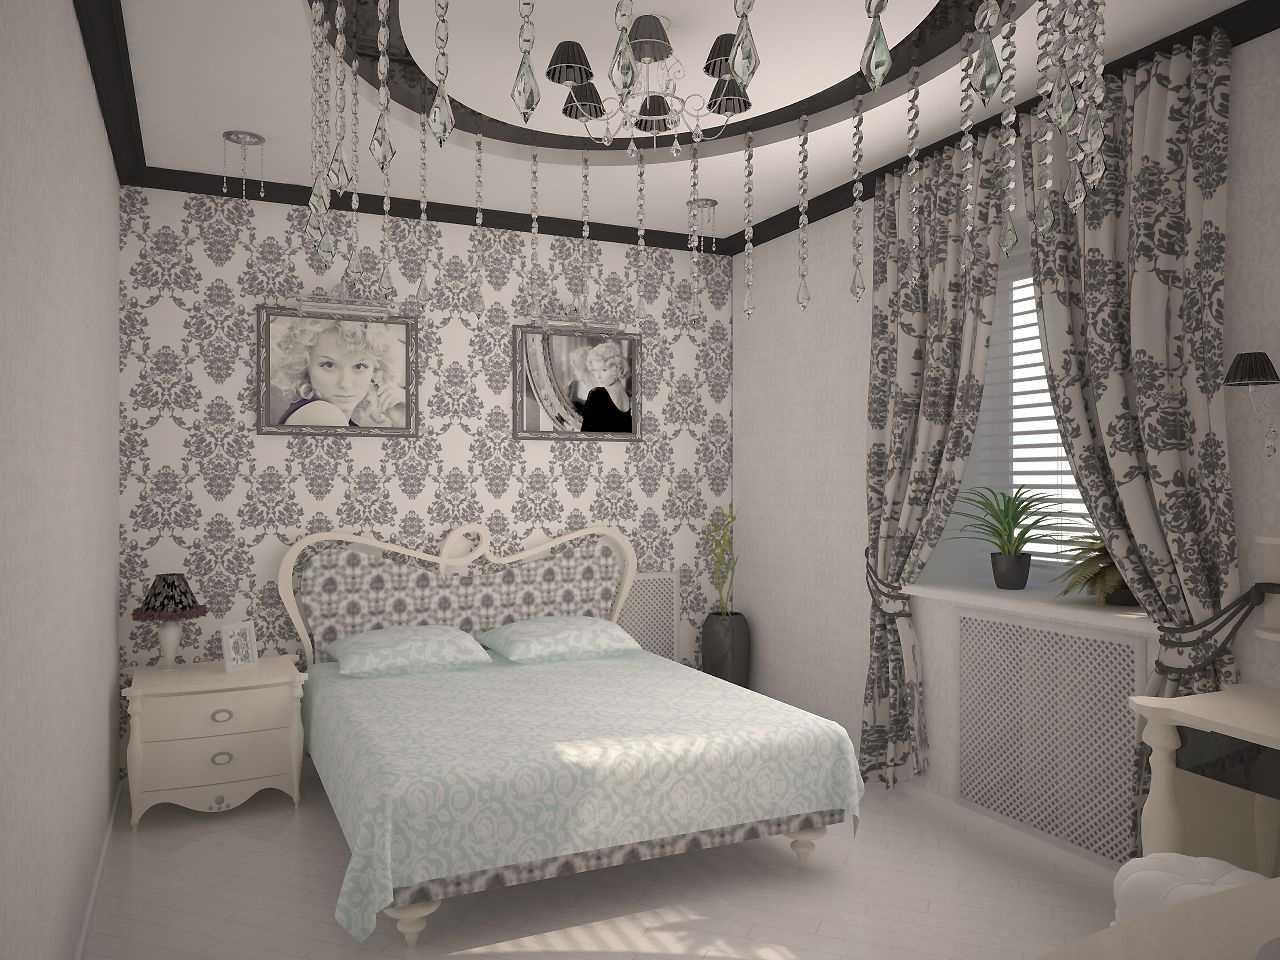 Сочетание штор и обоев в спальне (46 фото): какие шторы подойдут к розовым и персиковым, золотистым и желтым, темным коричневым и другим обоям?